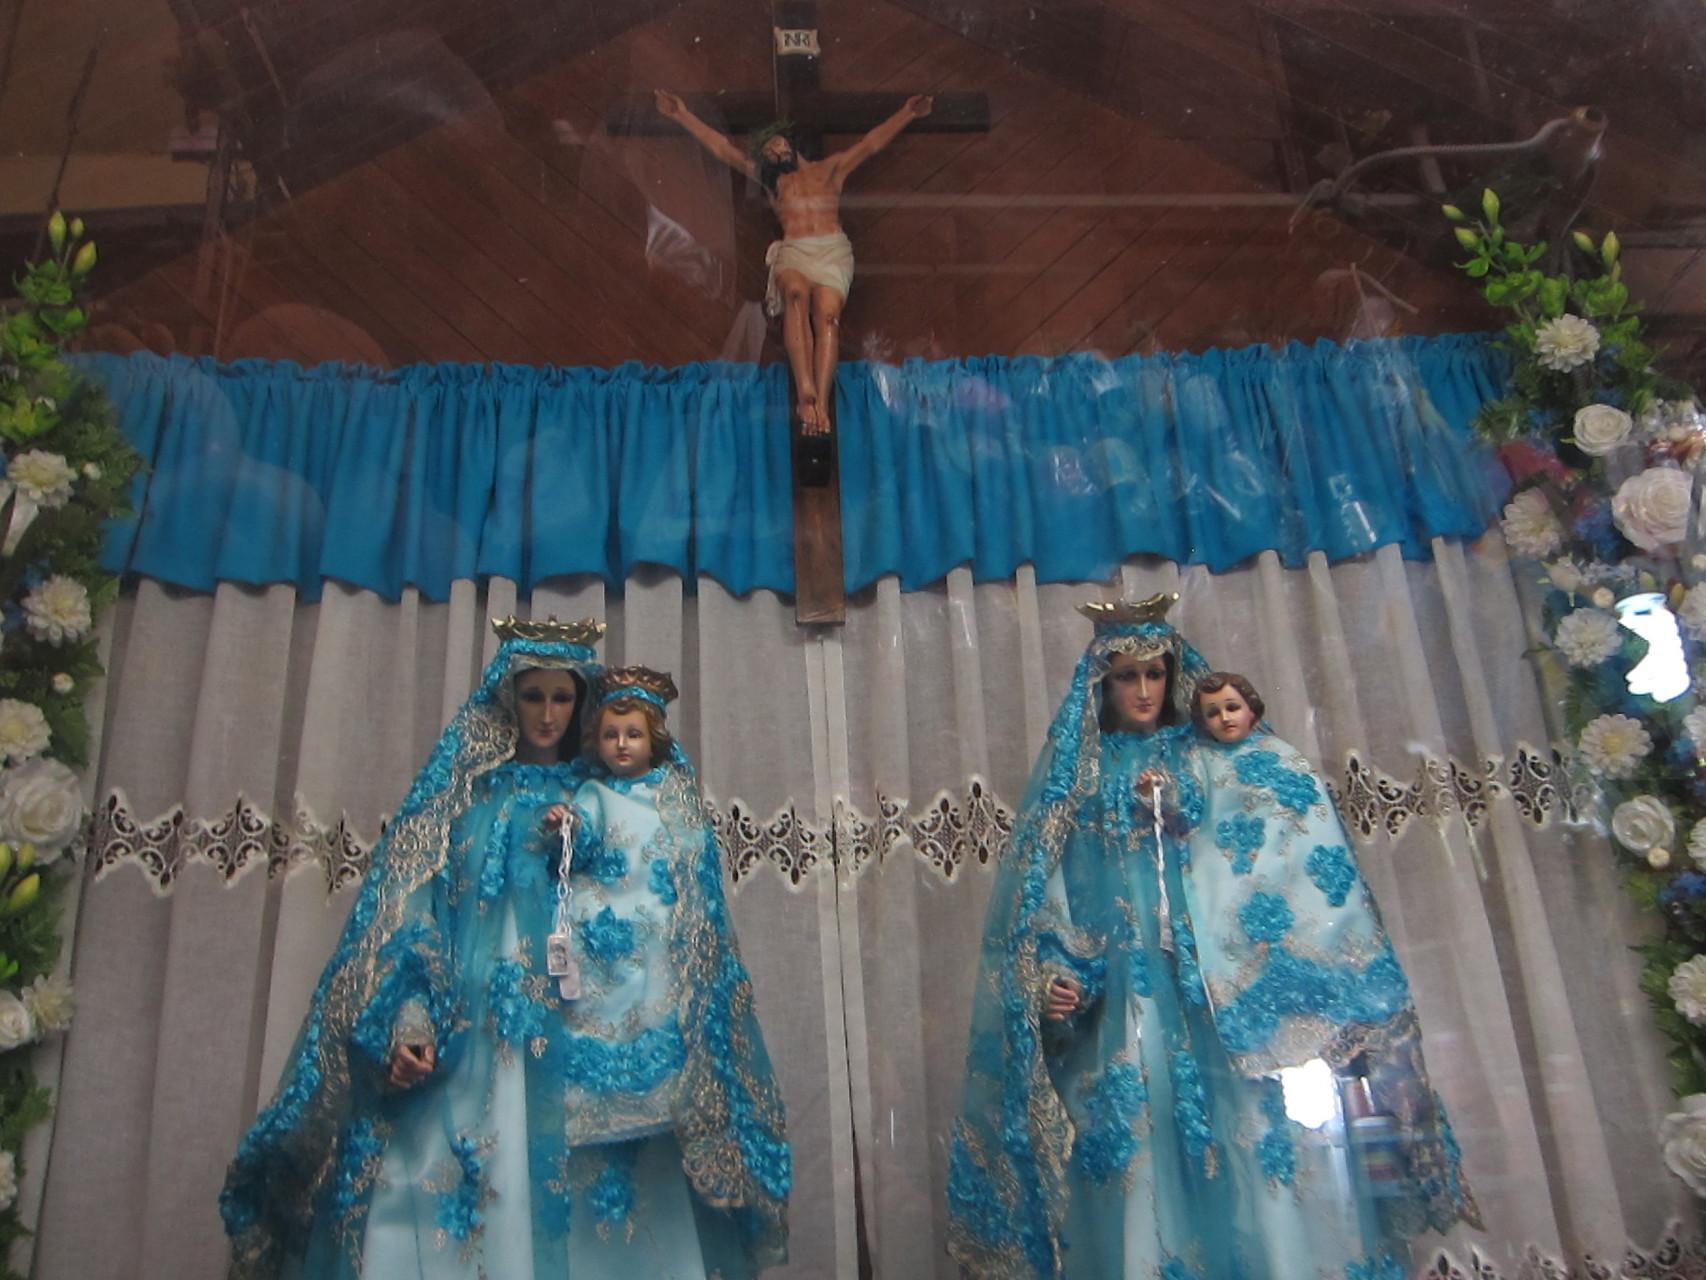 イエスと聖母子の祭壇があります